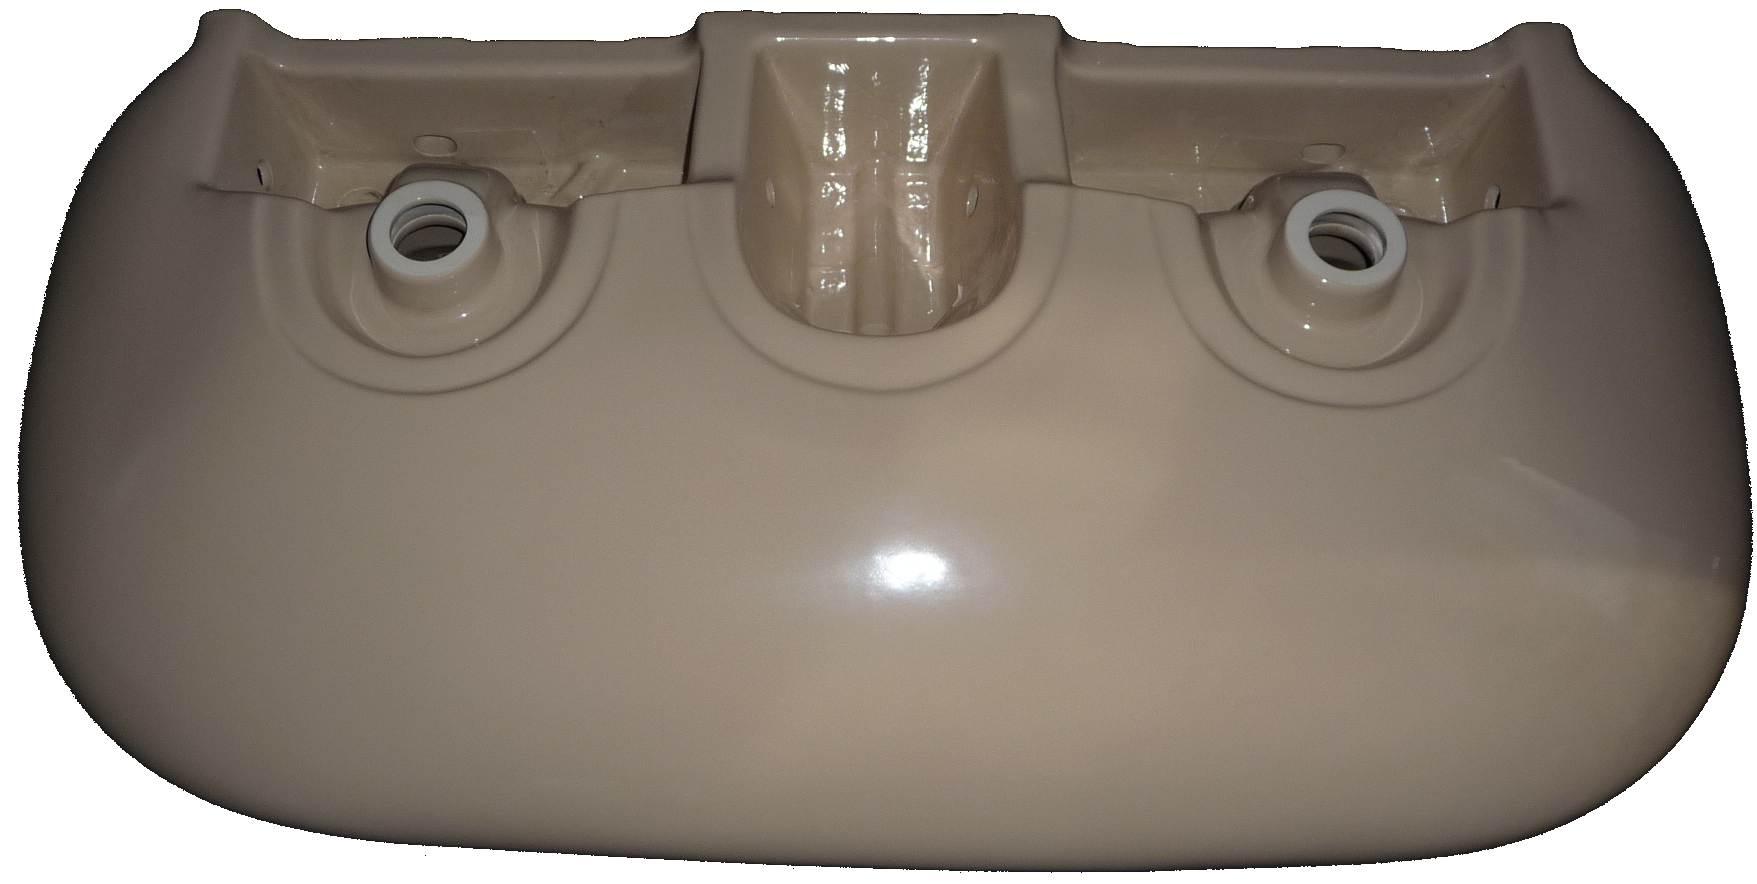 bahamabeige Doppel-Waschtisch 115x55 cm Keramag Mango 259515 Bild 2